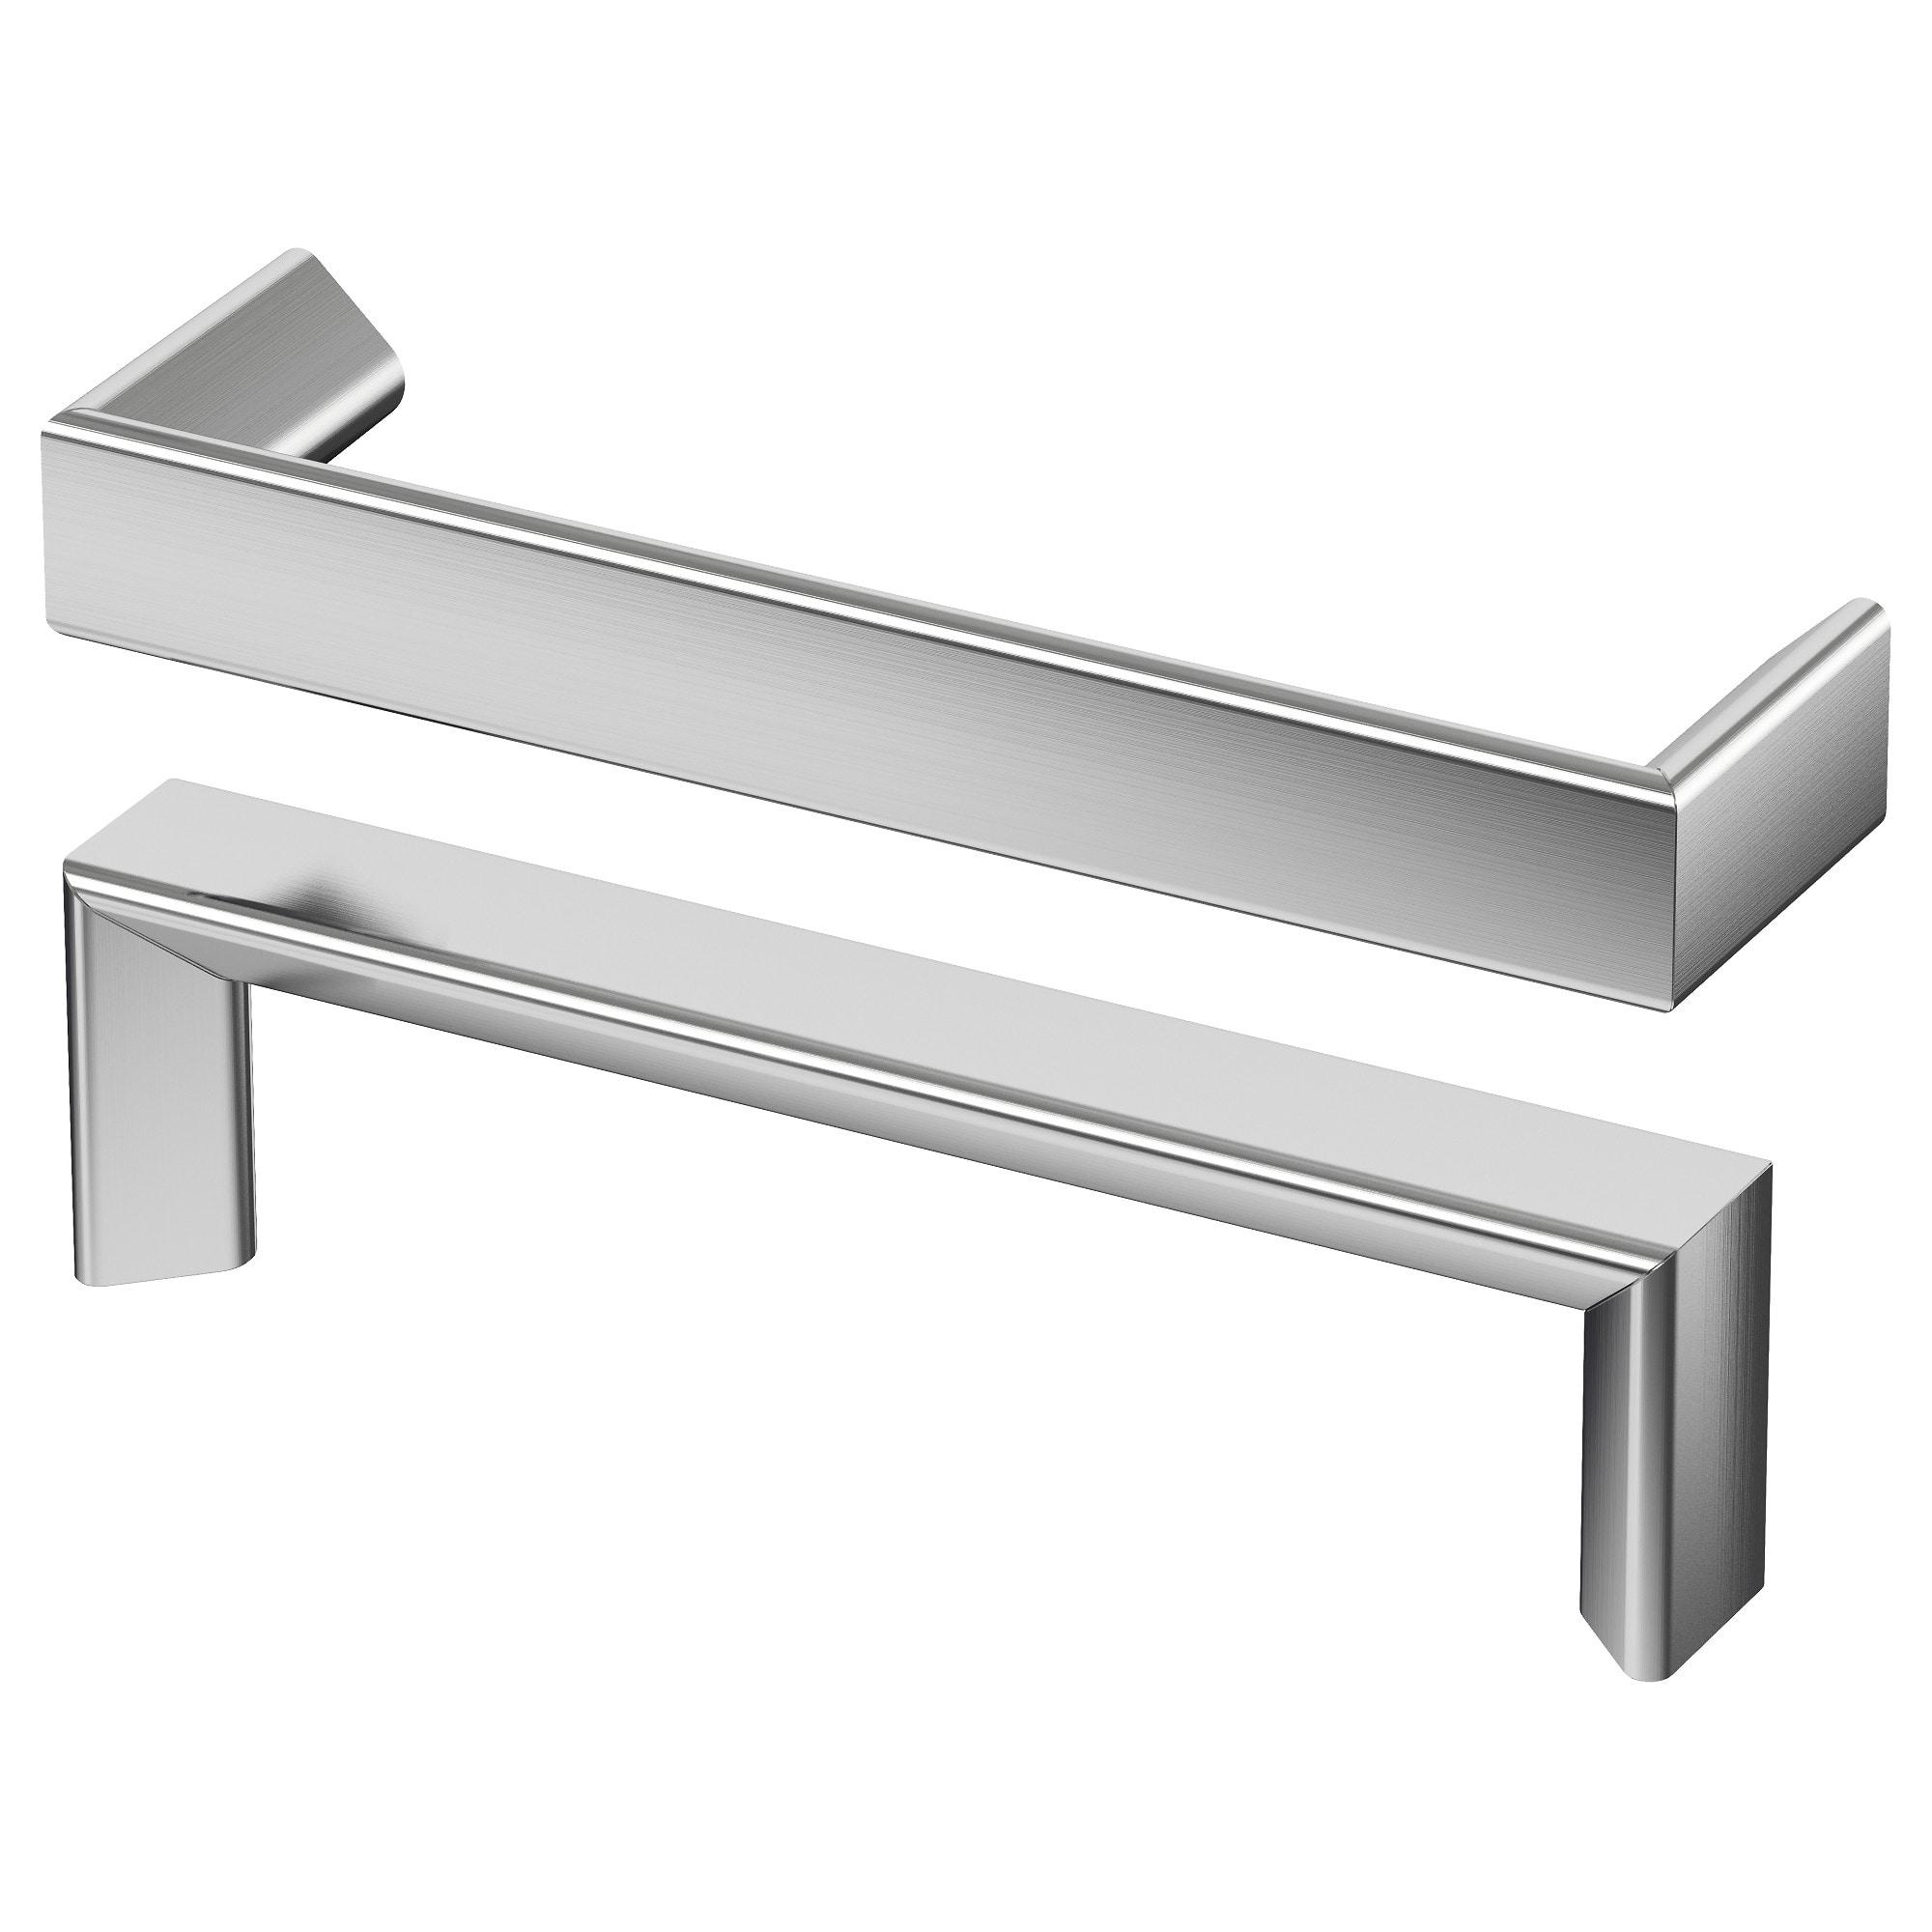 Tyda Handgreep Roestvrij Staal 138 Mm Ikea Cabinet Handles Ikea Kitchen Door Handles